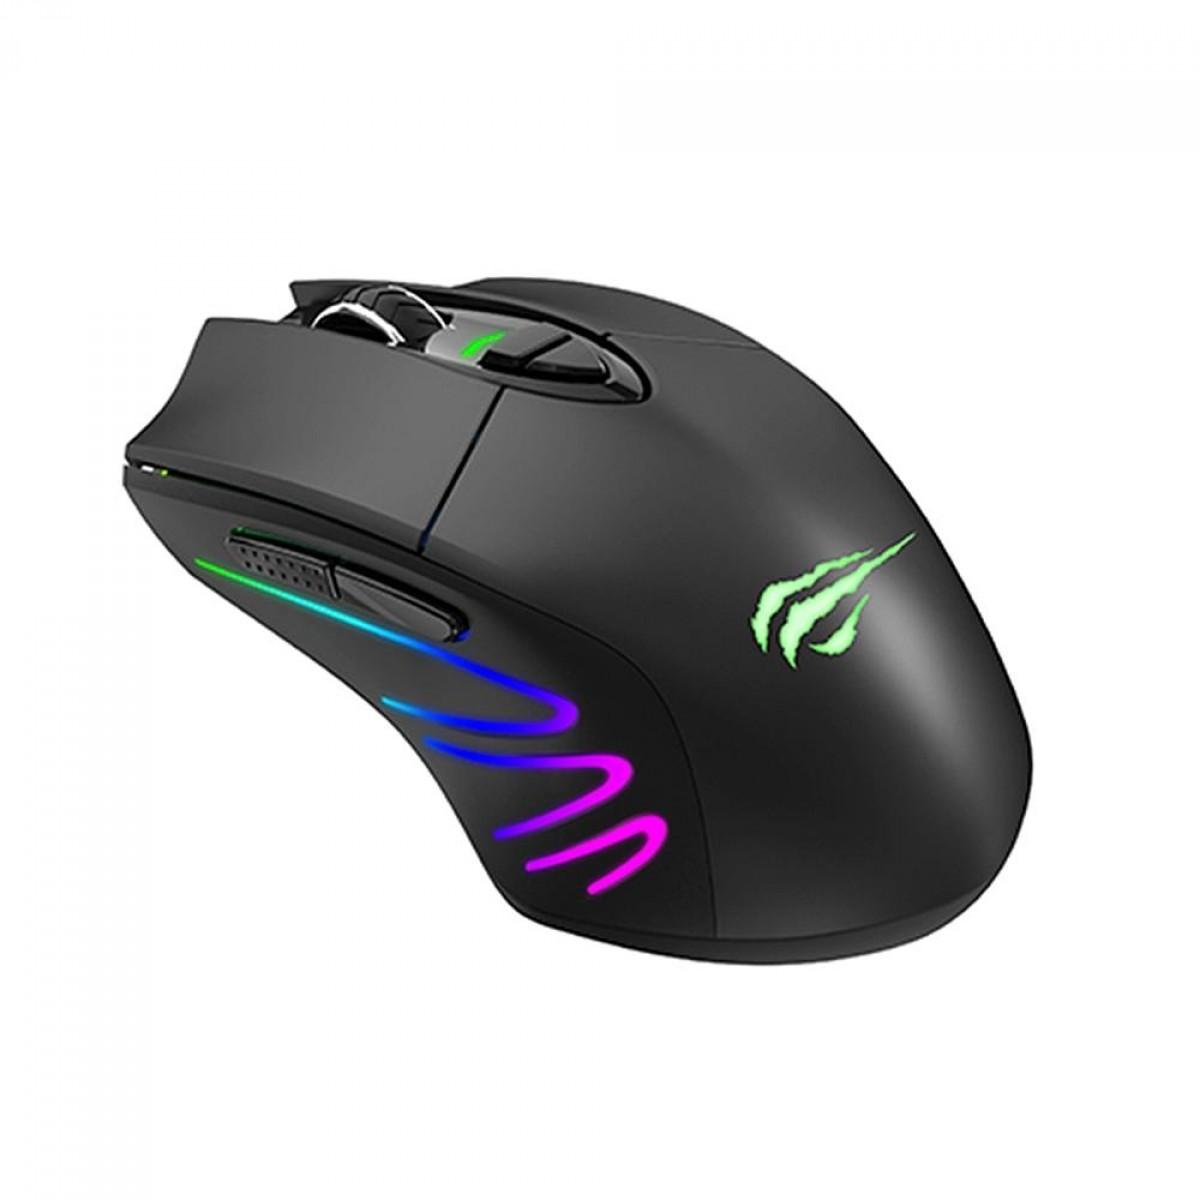 Mouse Wireless Gamer Havit MS1021W, 7000 DPI, 7 Botões, RGB, MS1021W